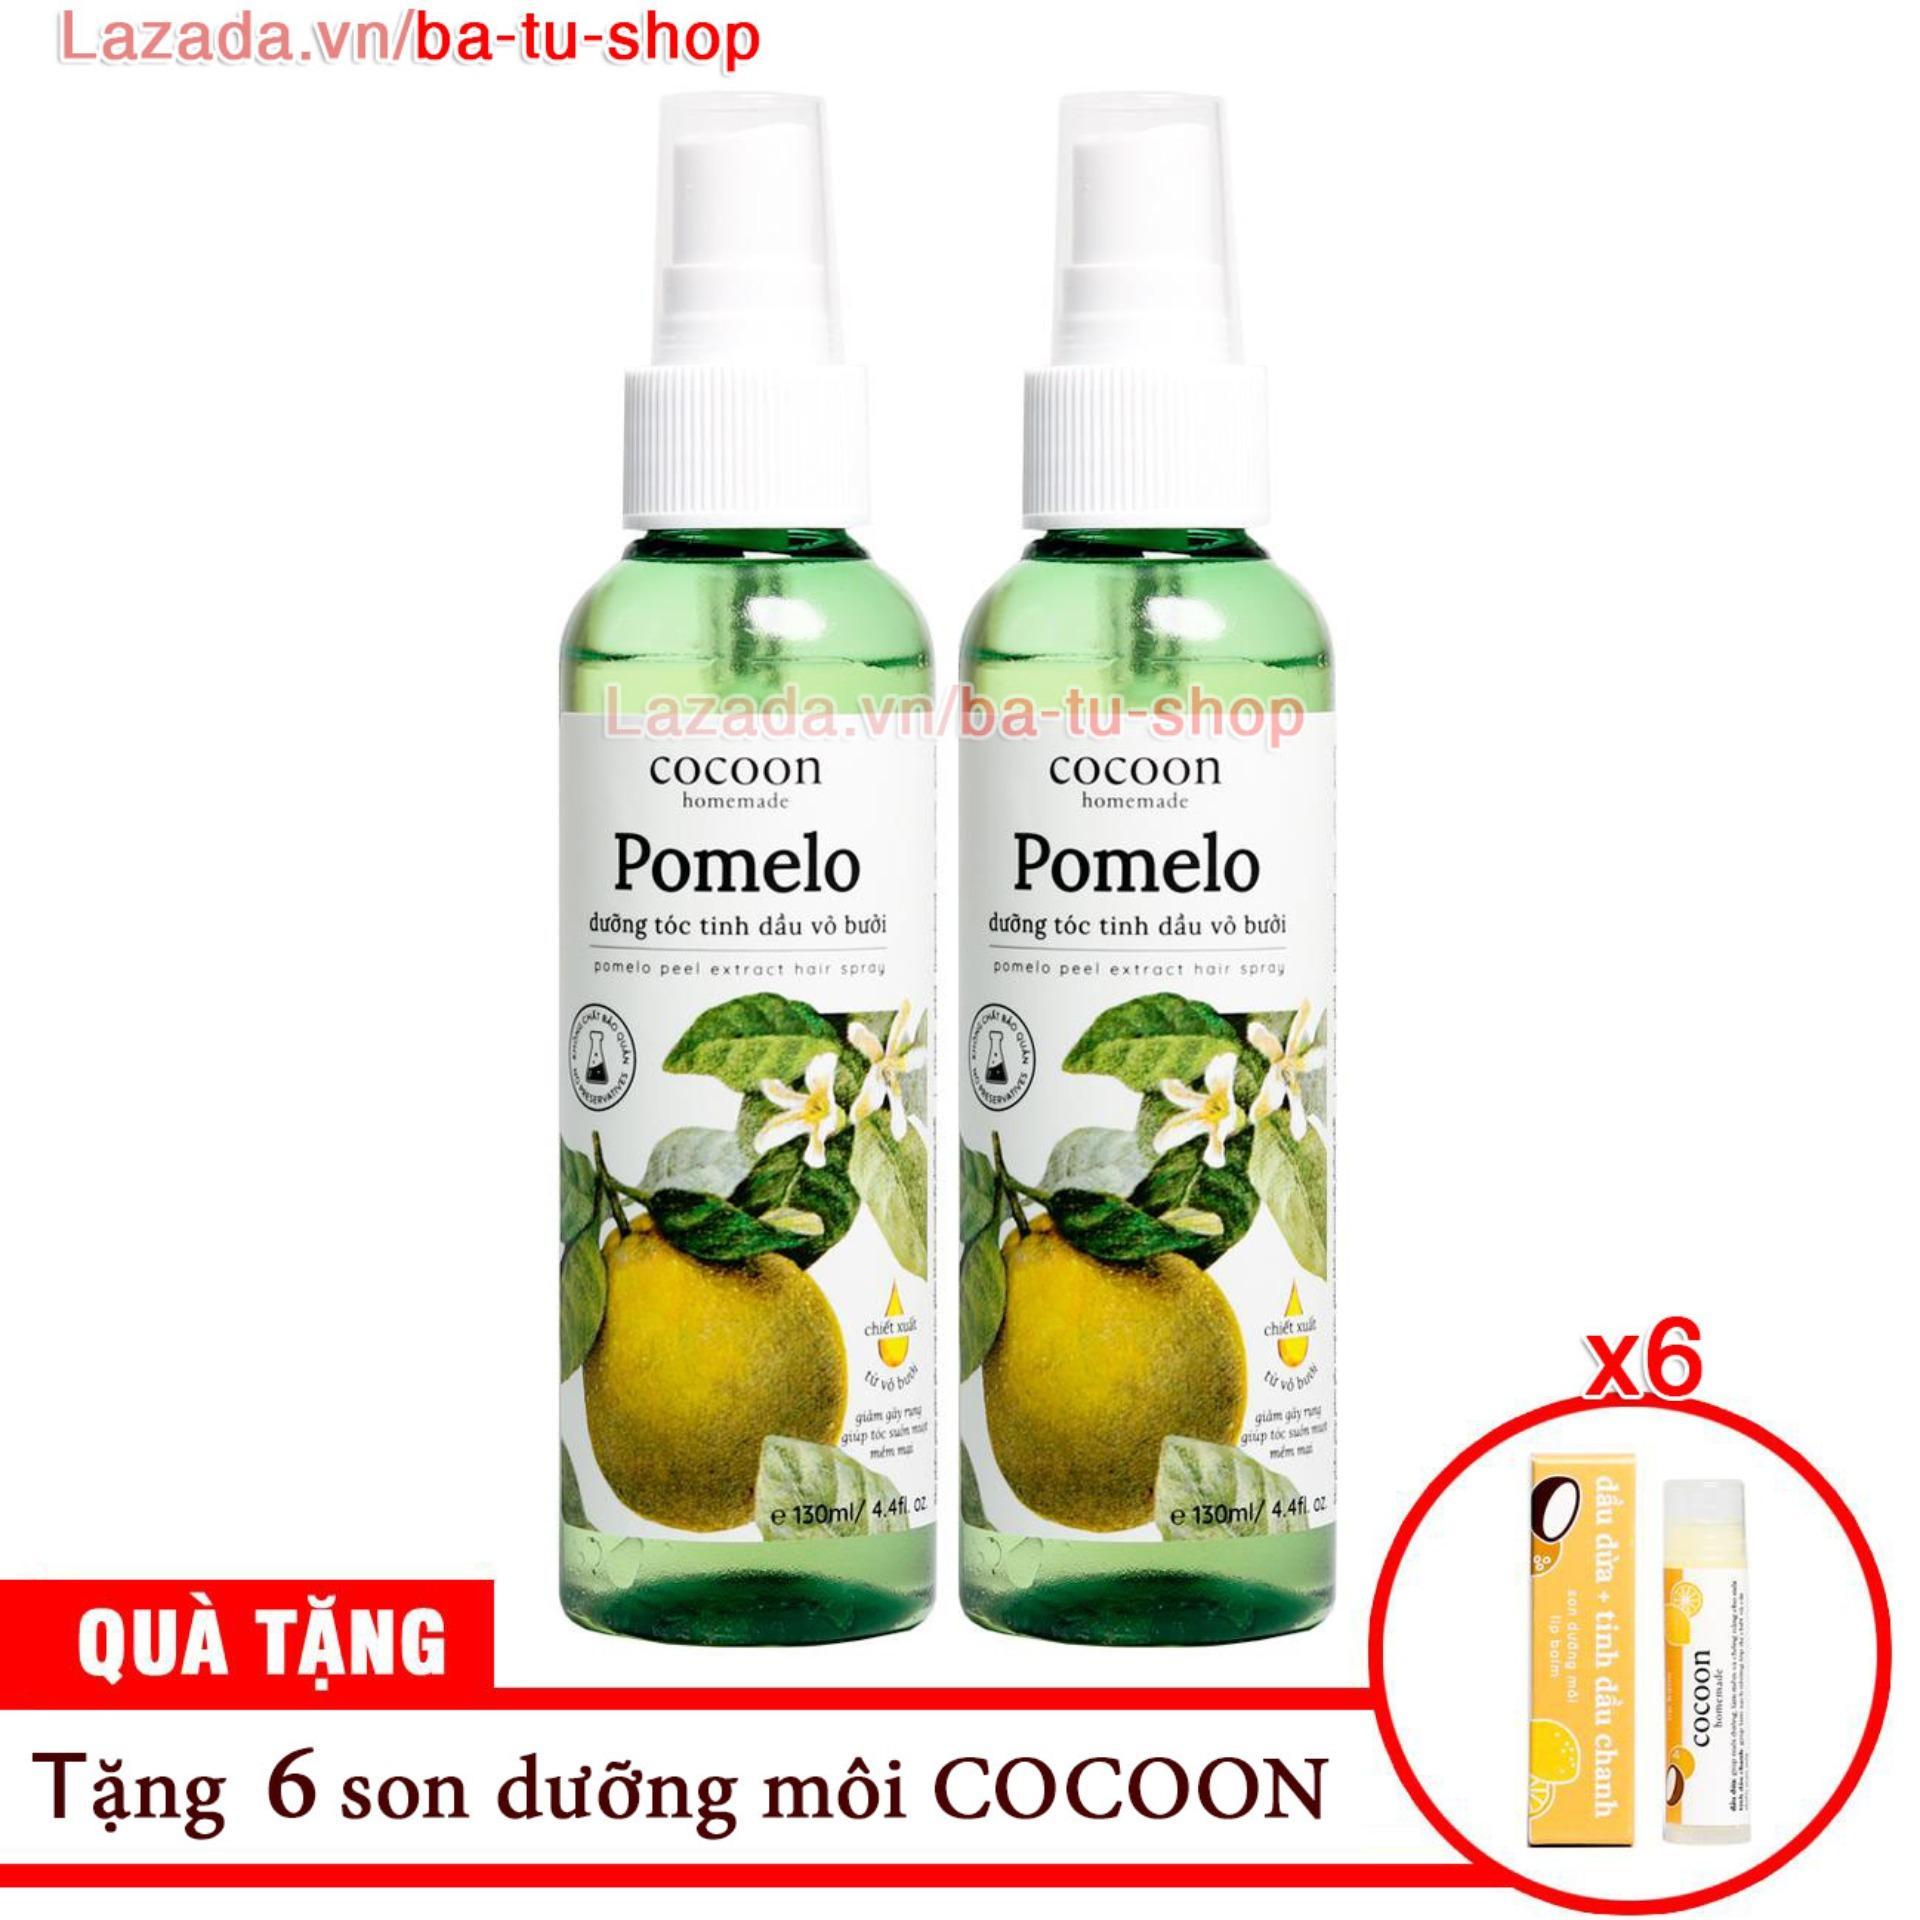 Bộ 2 chai tinh dầu bưởi Cocoon Pomelo tặng ngay 6 son dưỡng môi Lip Care